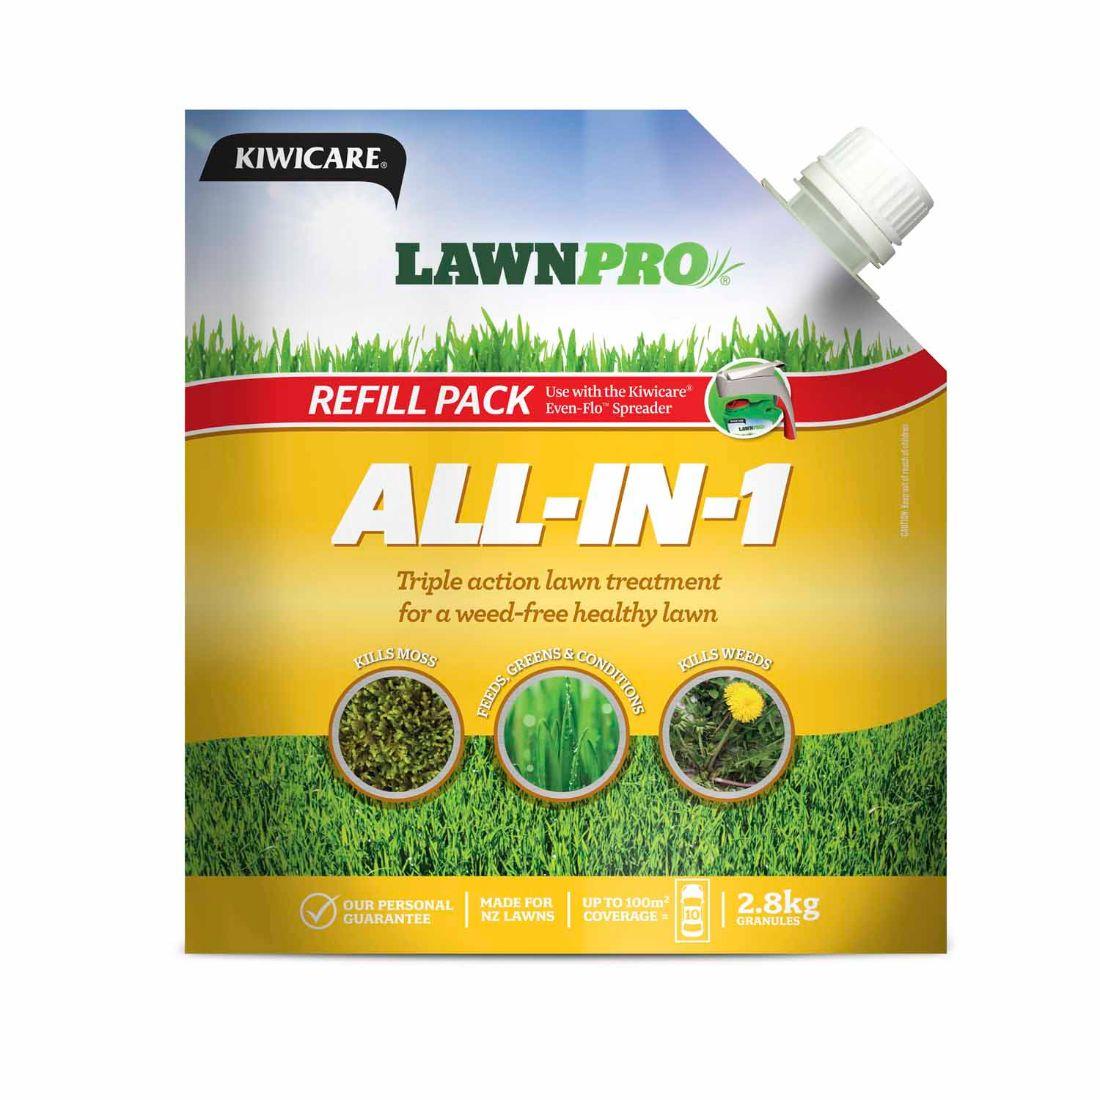 LawnPro All-in-1 Fertilizer Refill 2.8kg G42006